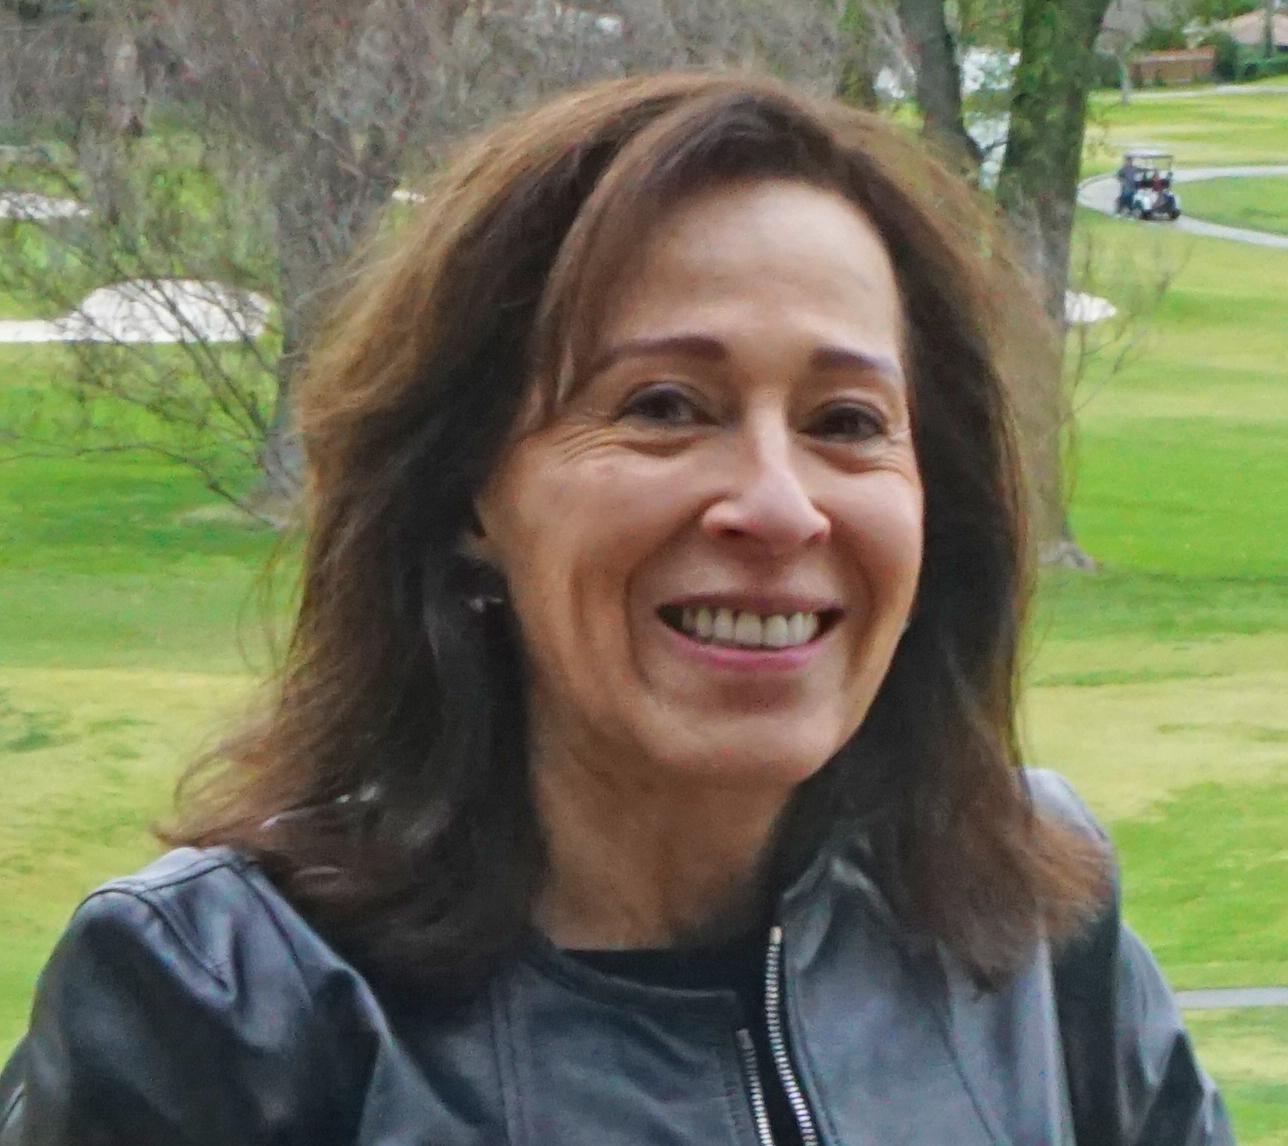 Alicia Mardini; EVCHC CEO